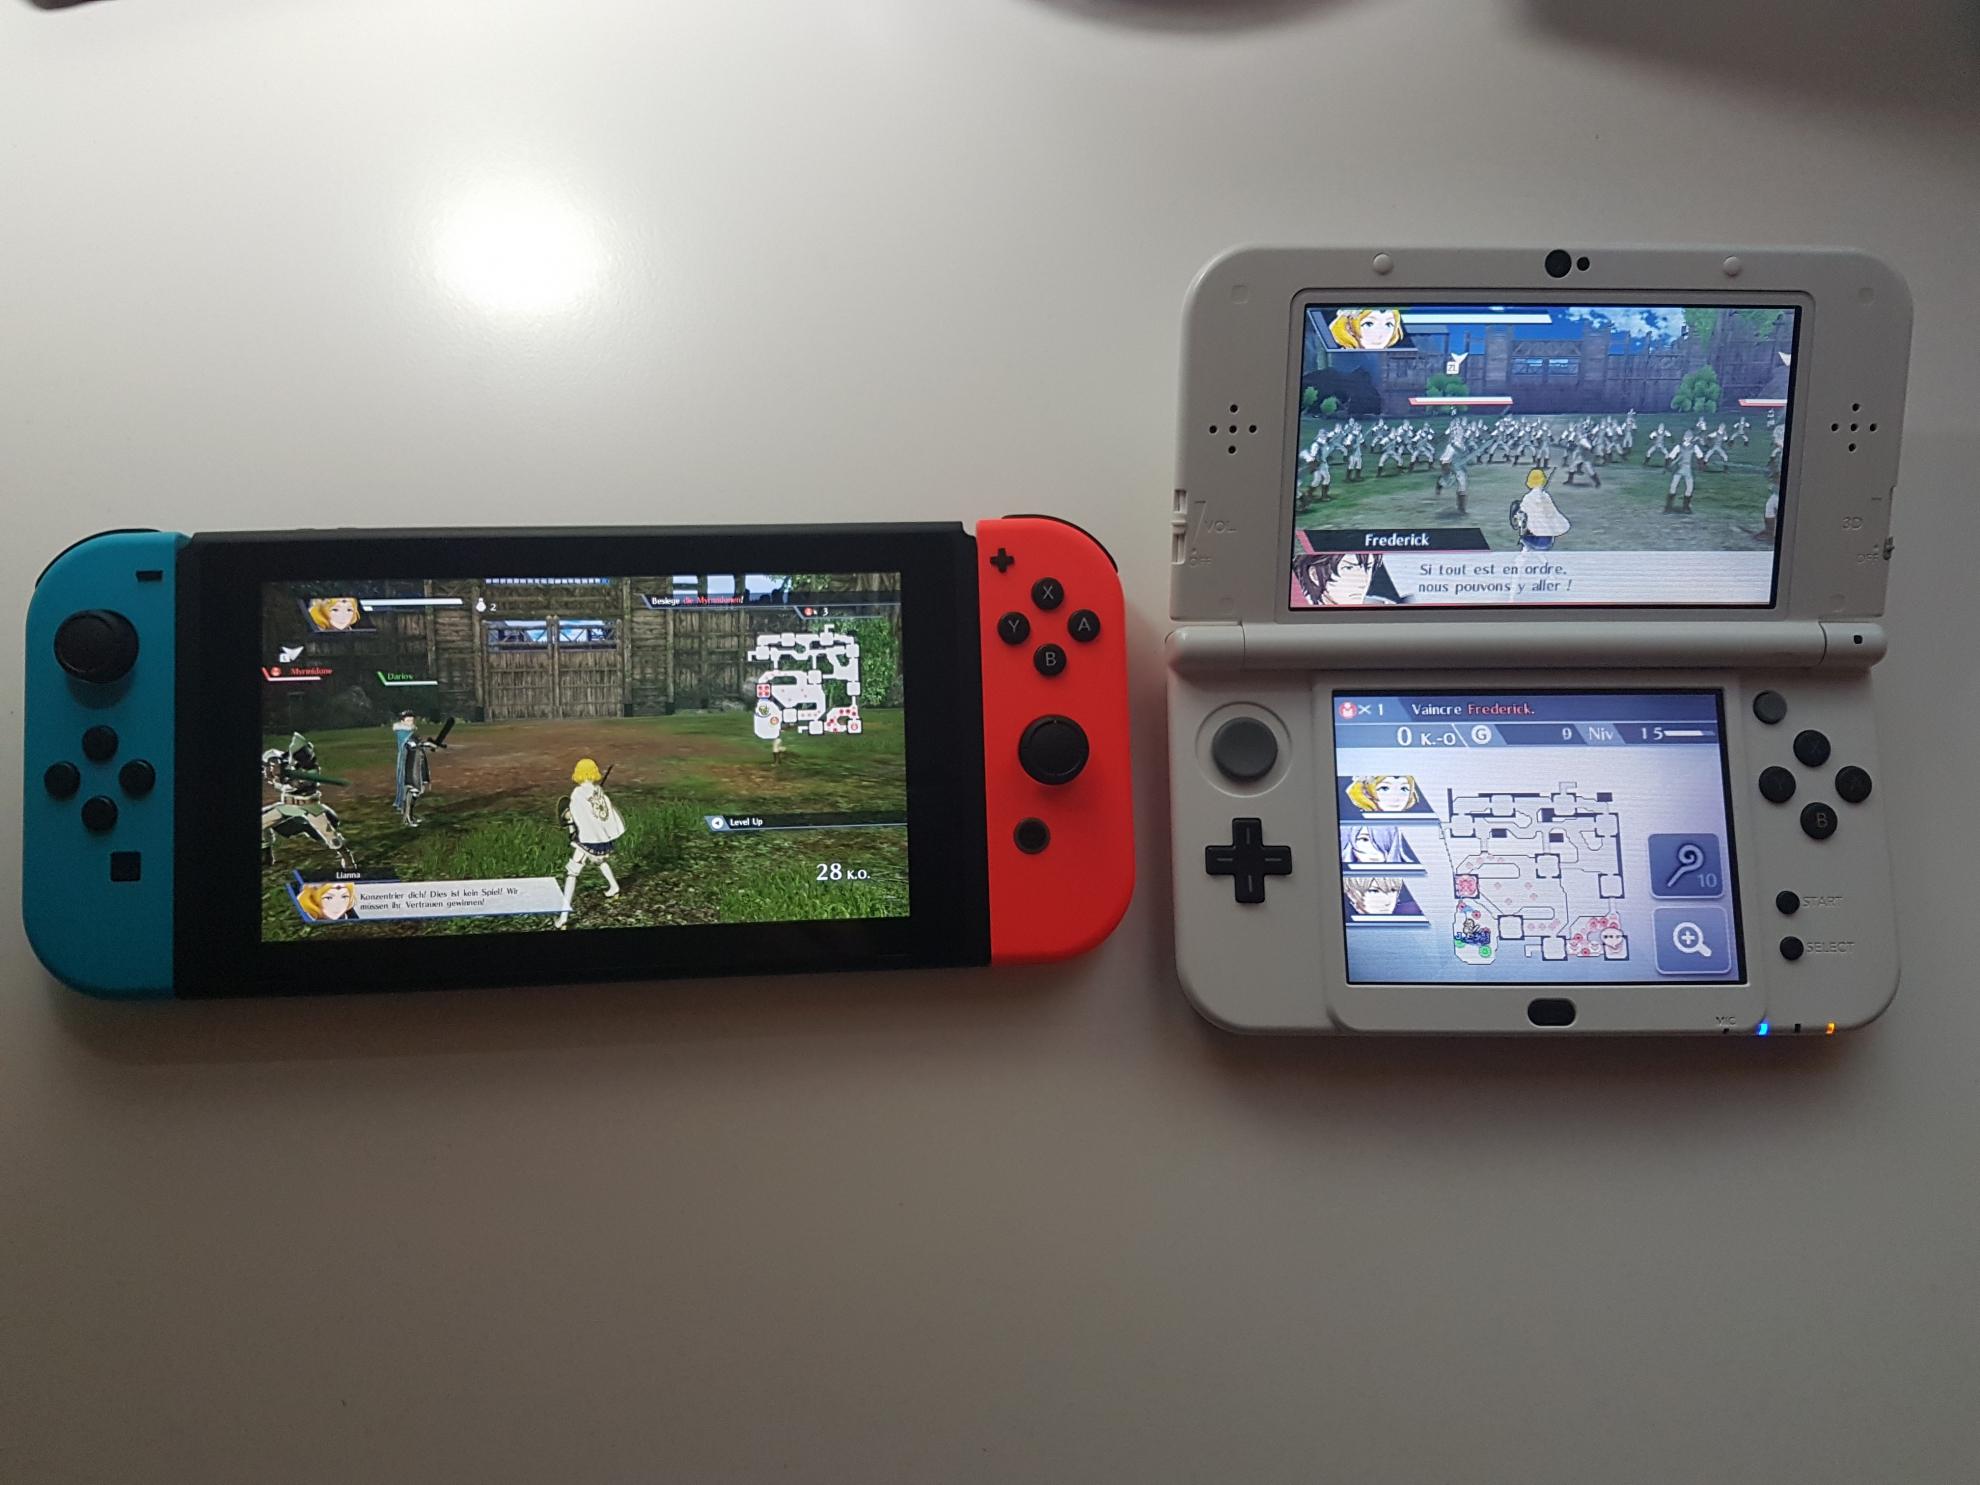 Comparaison Fire Emblem Warriors Switch 3DS